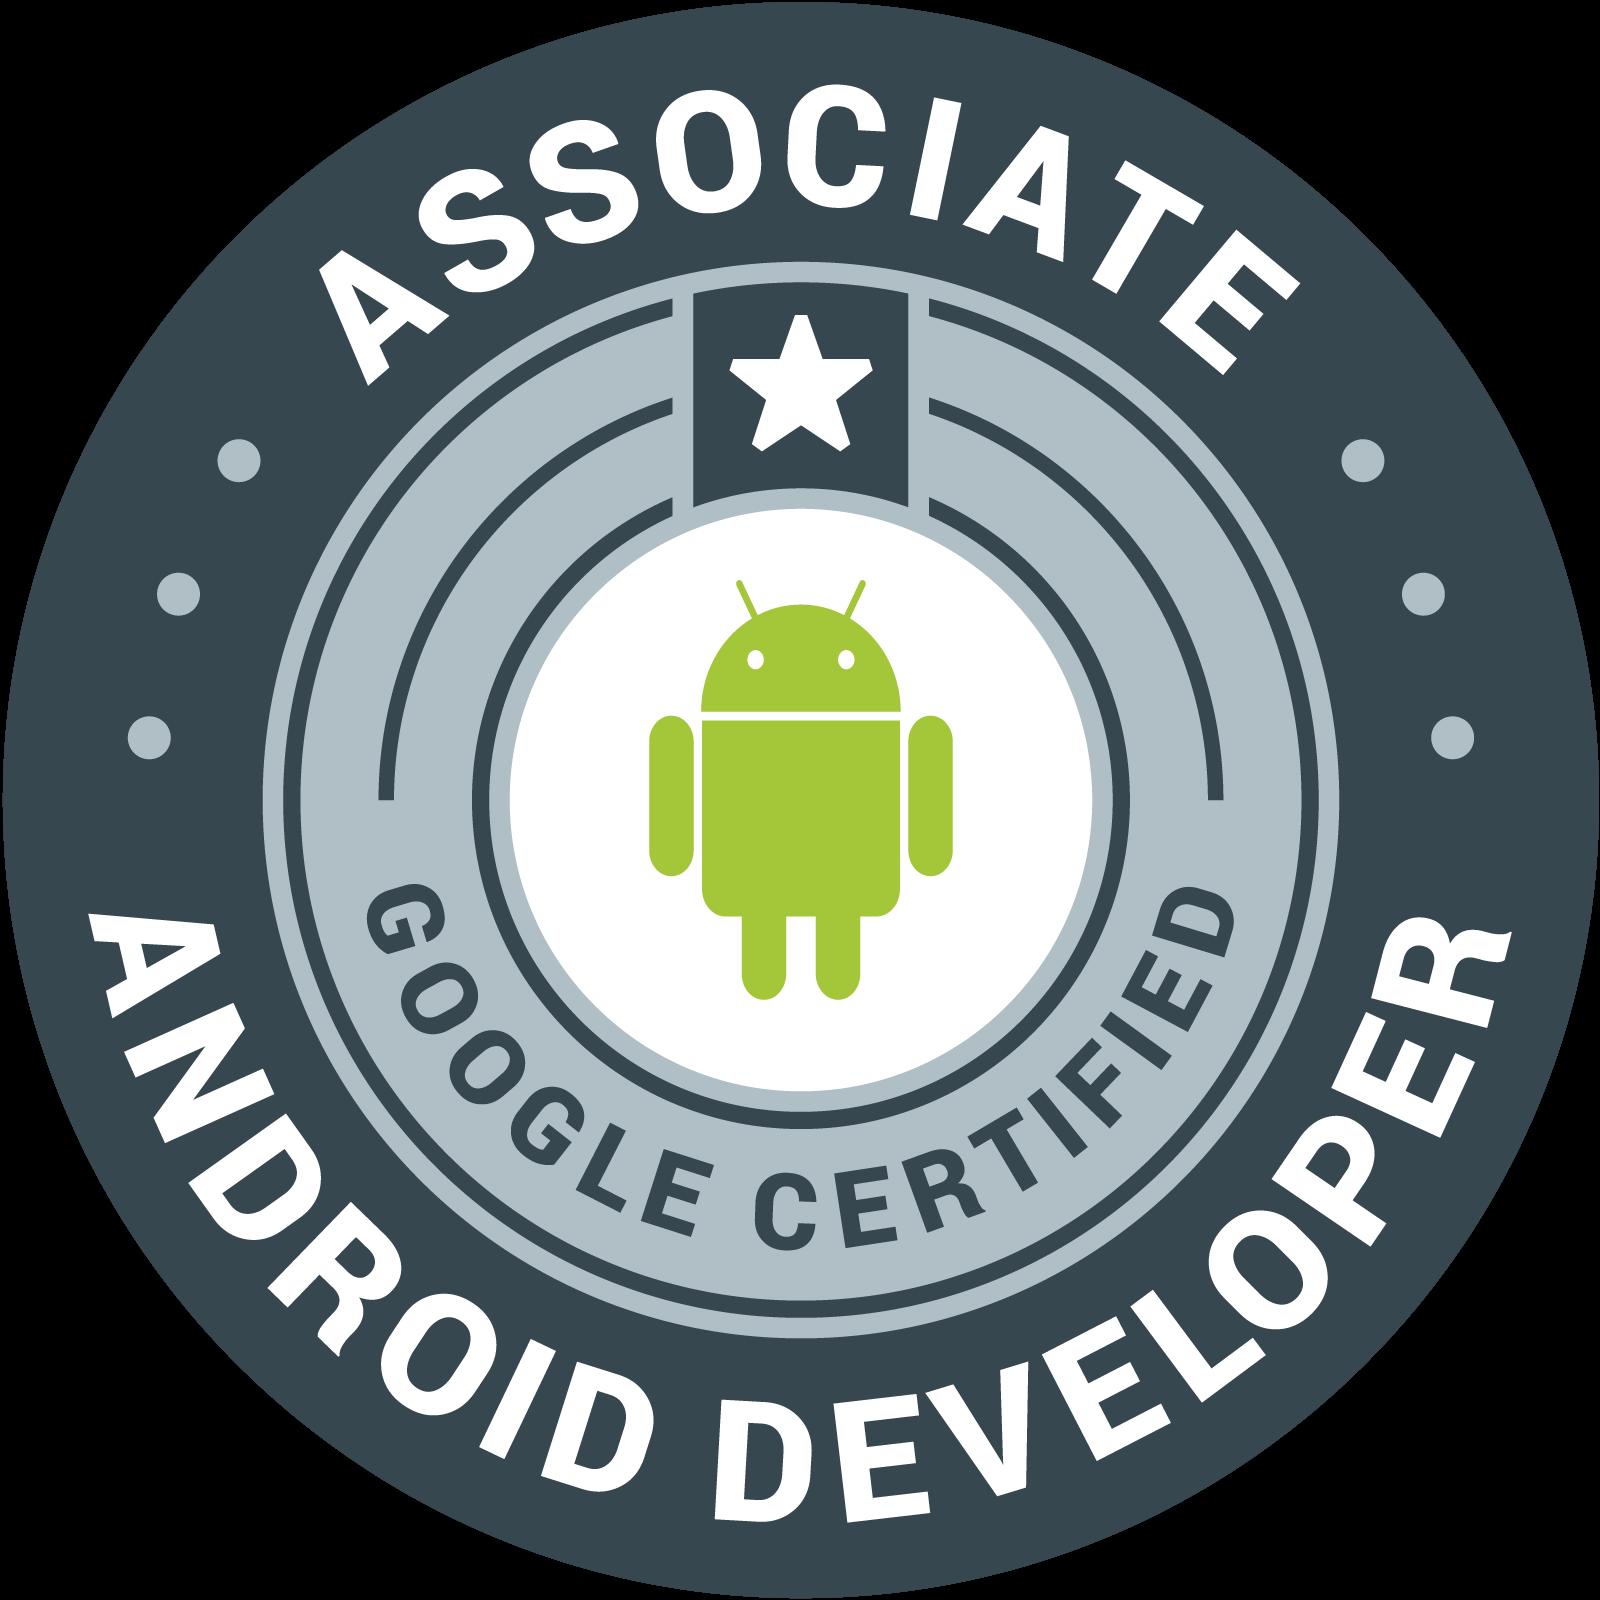 Major To Ociate Android Developer